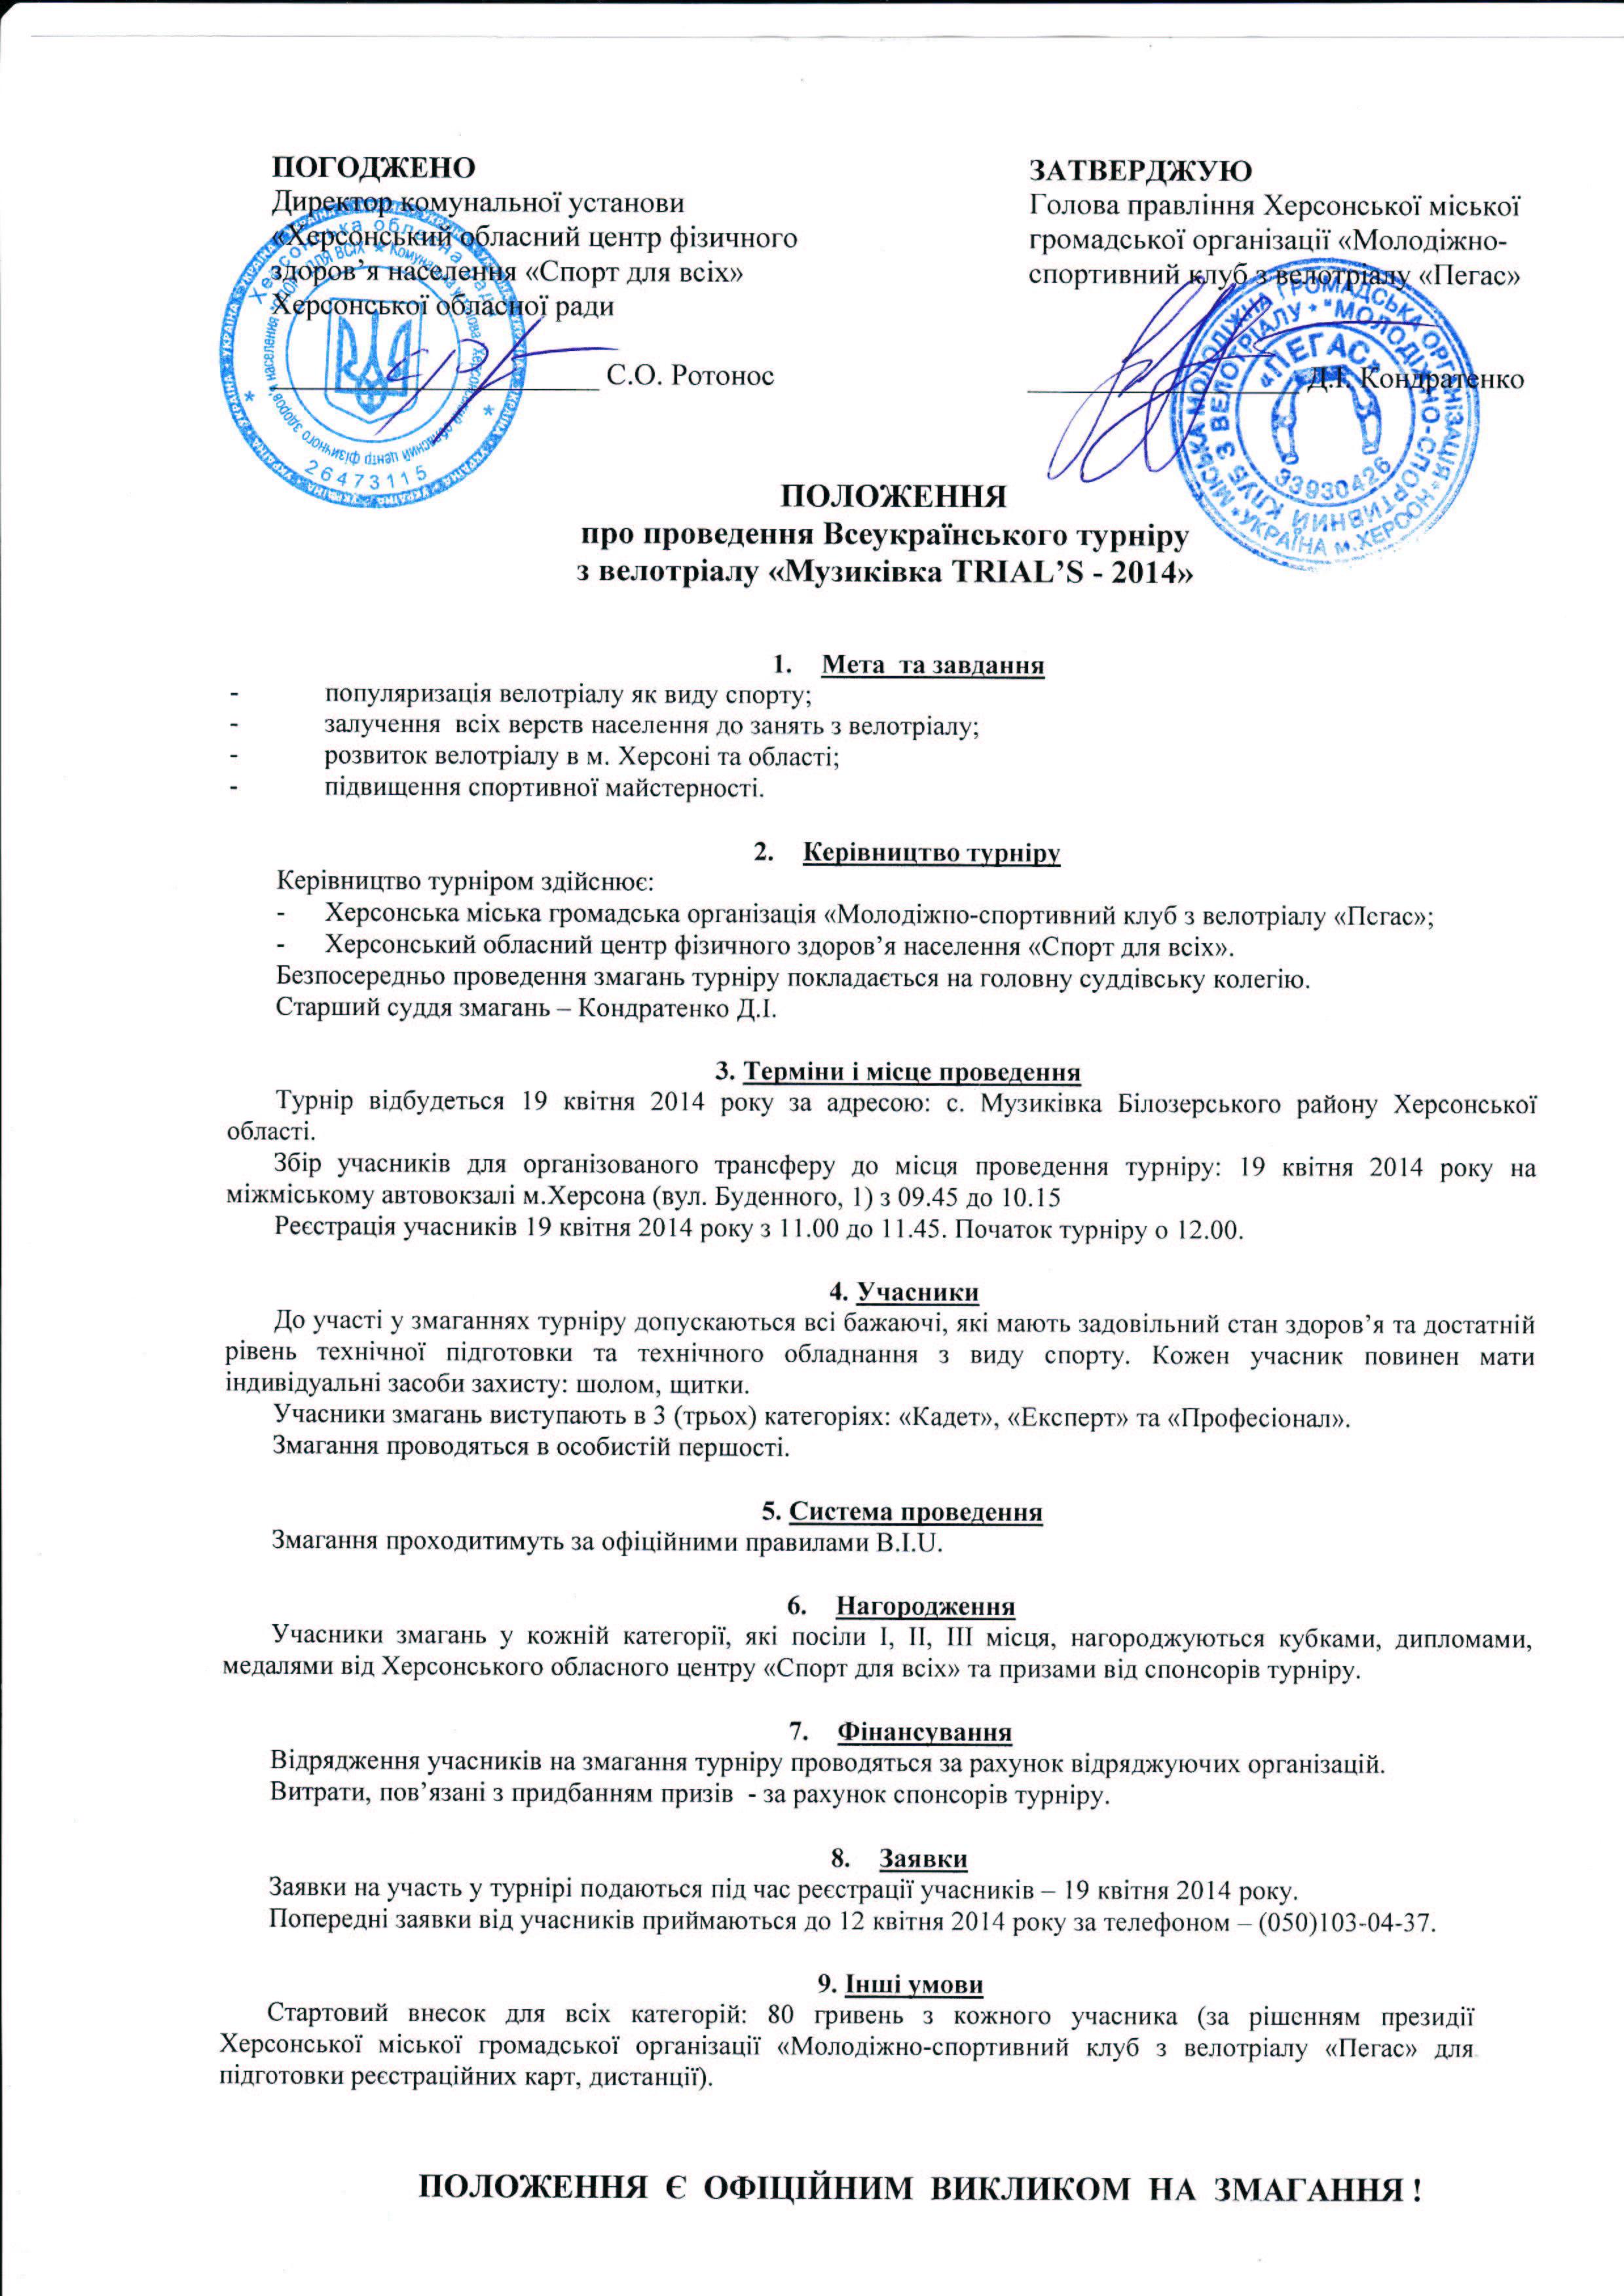 http://www.biketrial.kiev.ua/forum/download/file.php?id=12336&t=1&sid=11eba12d8e63401b5a8f6cef4392a8f6